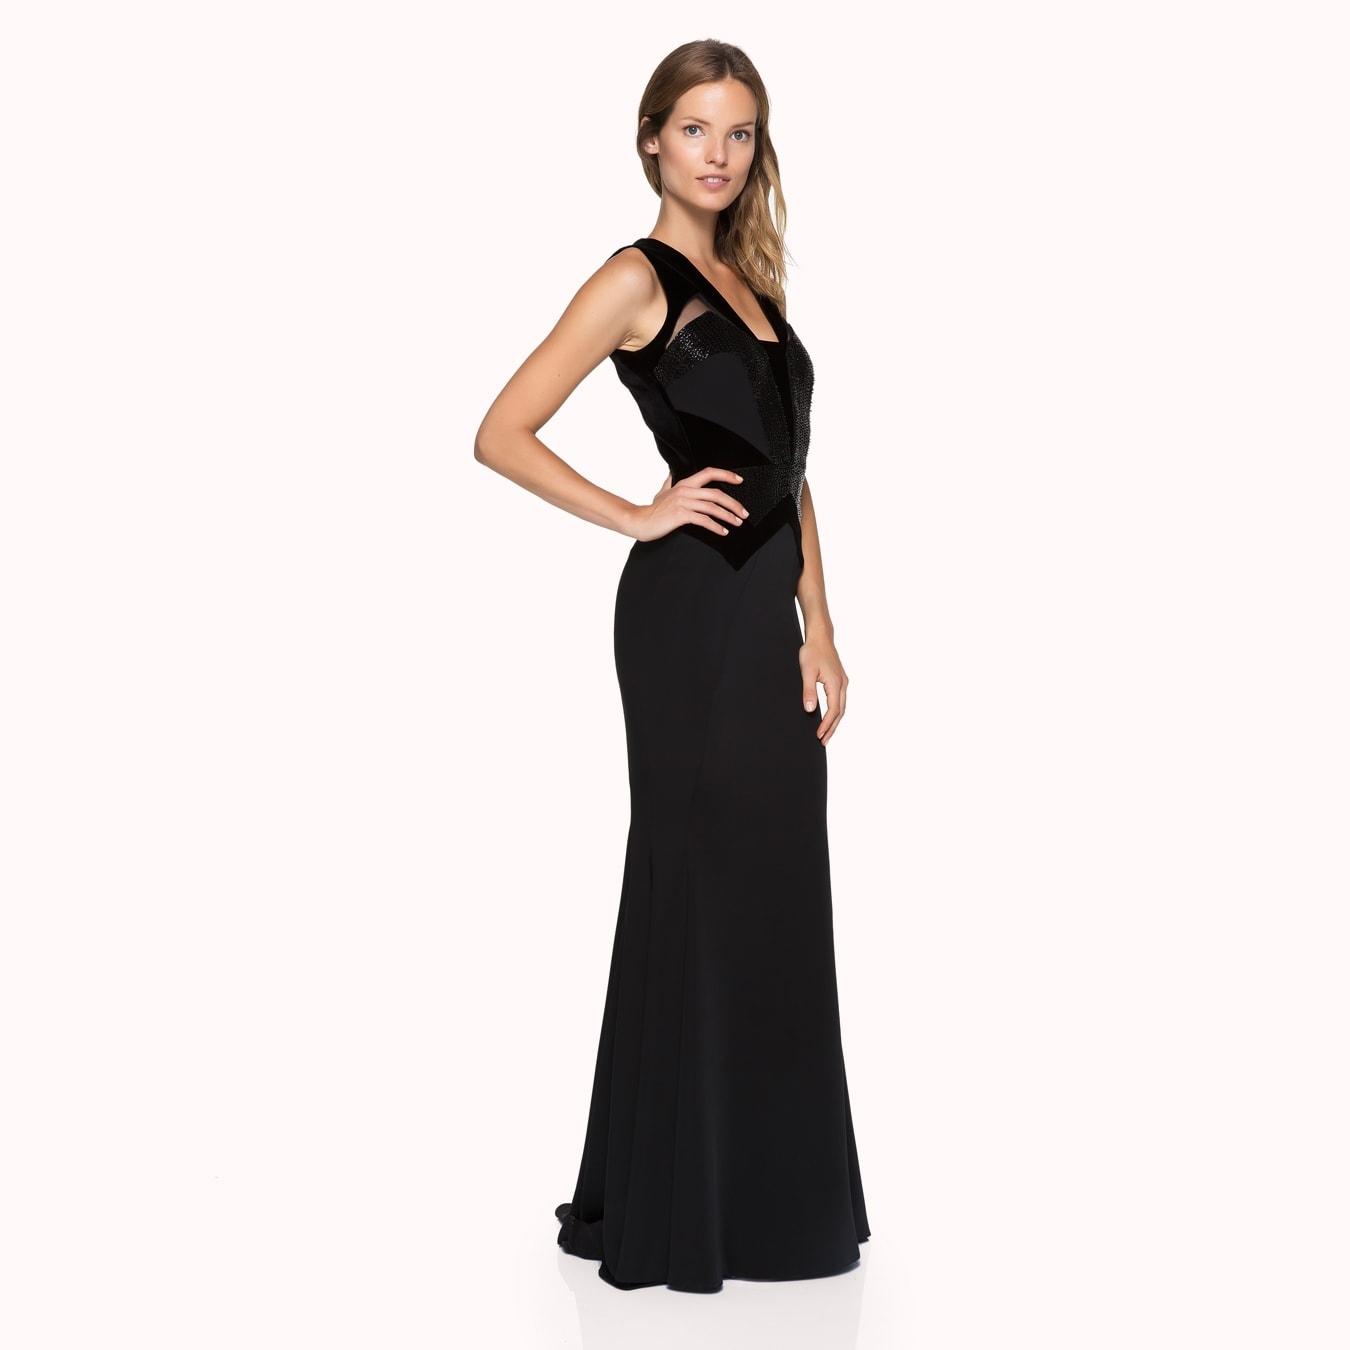 En Güzel İpekyol Elbise Modelleri 2016